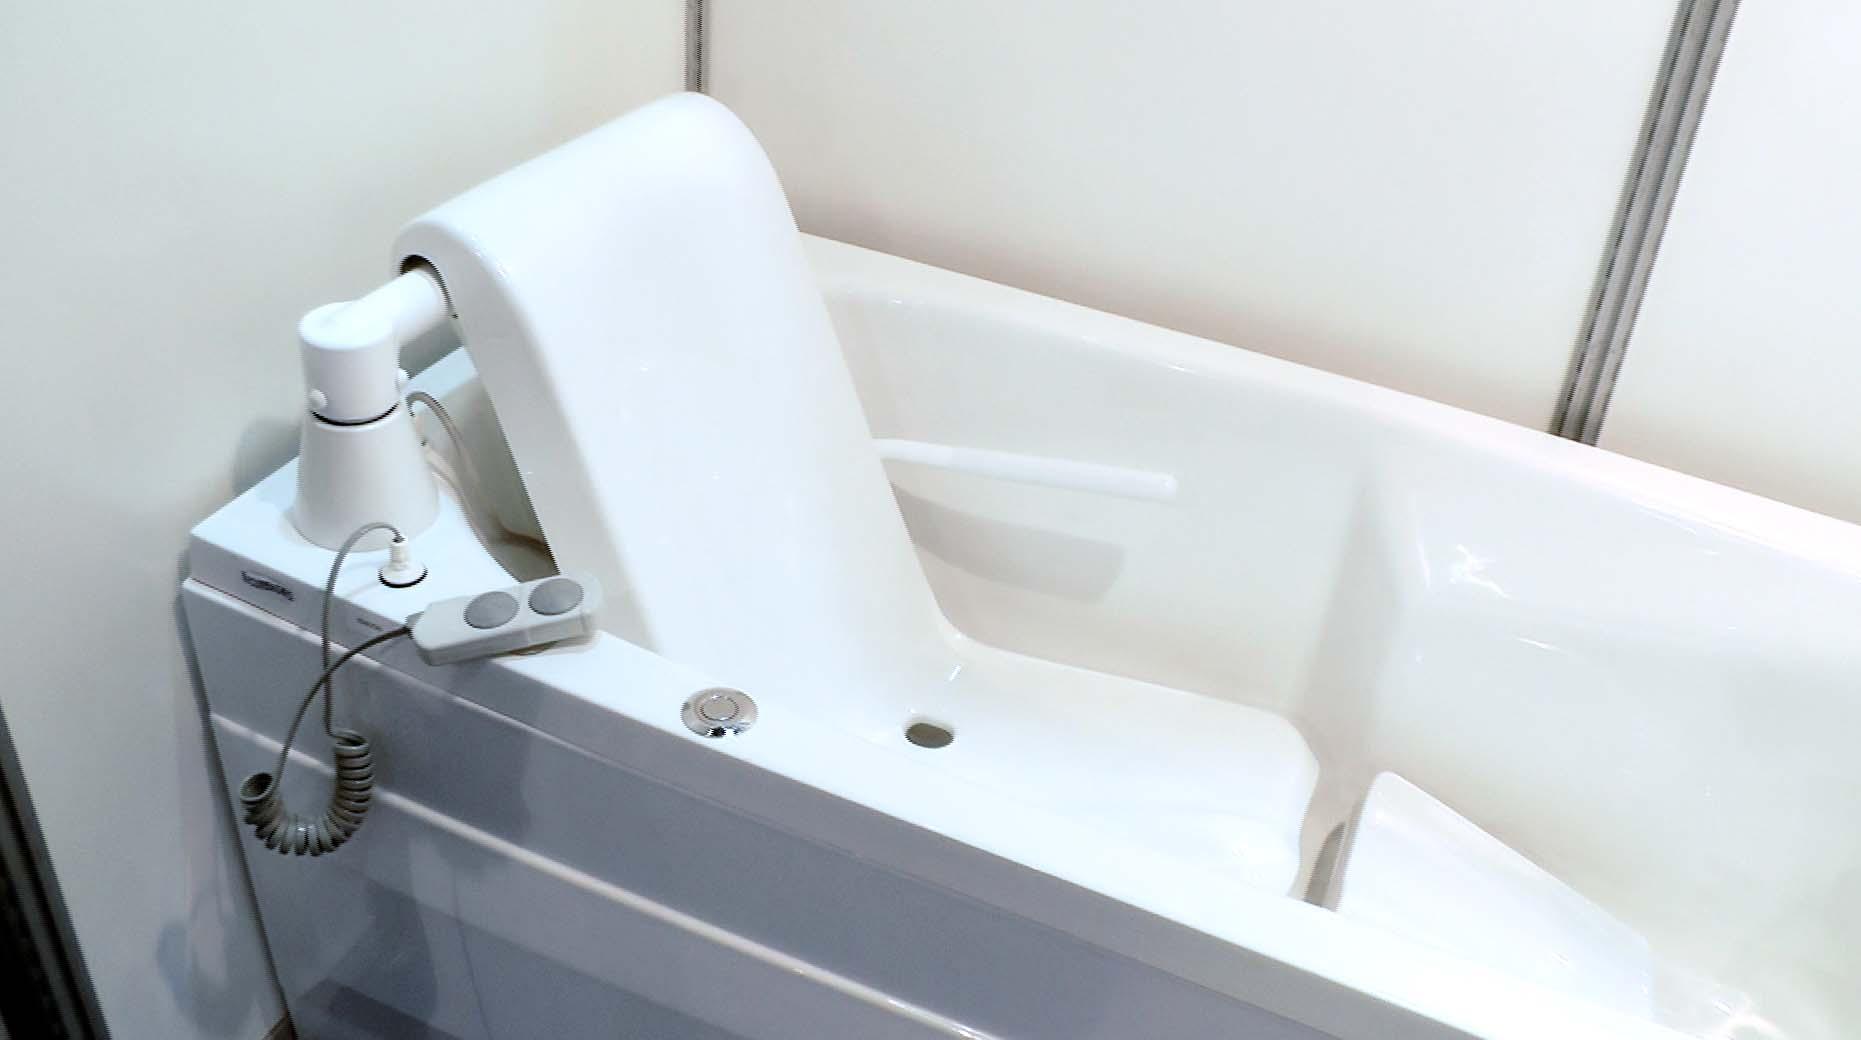 Vasca Da Bagno Piccola Senza Seduta : Vasca da bagno al centro della stanza u af